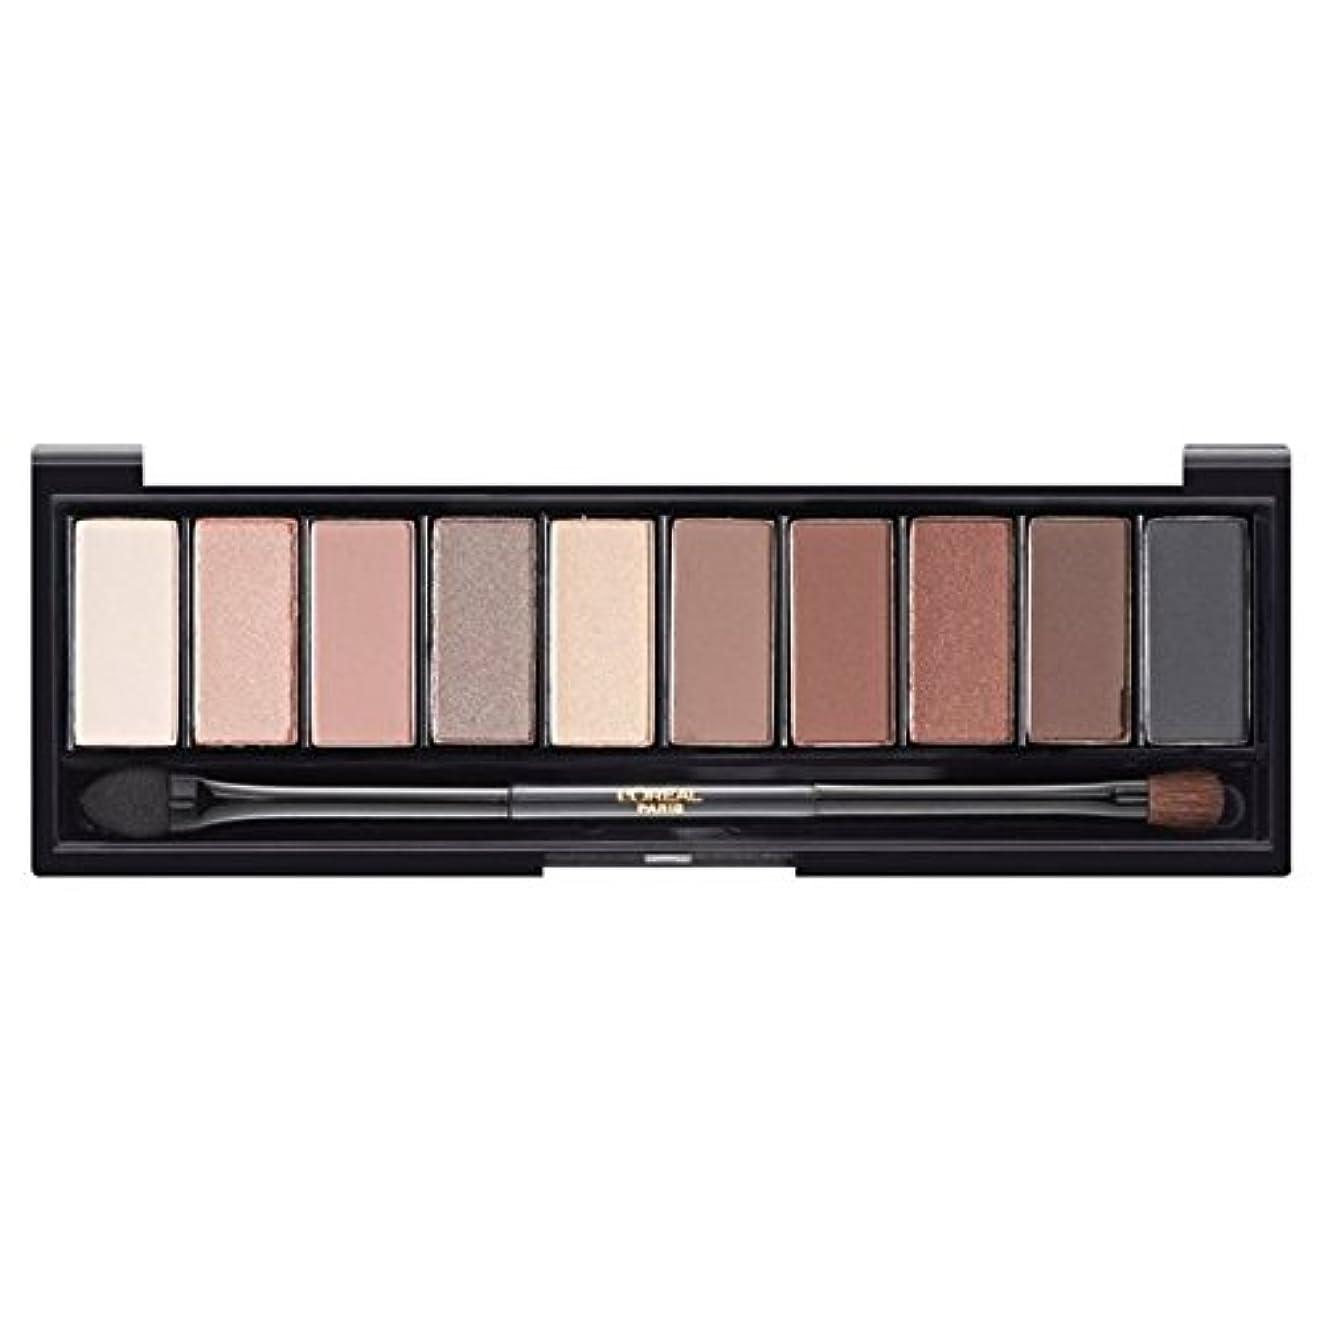 上院大胆な逆さまにロレアルパリカラーリッシュ?ラ?パレットのアイシャドウ、ヌードベージュ x4 - L'Oreal Paris Color Riche La Palette Eyeshadow, Nude Beige (Pack of 4) [並行輸入品]